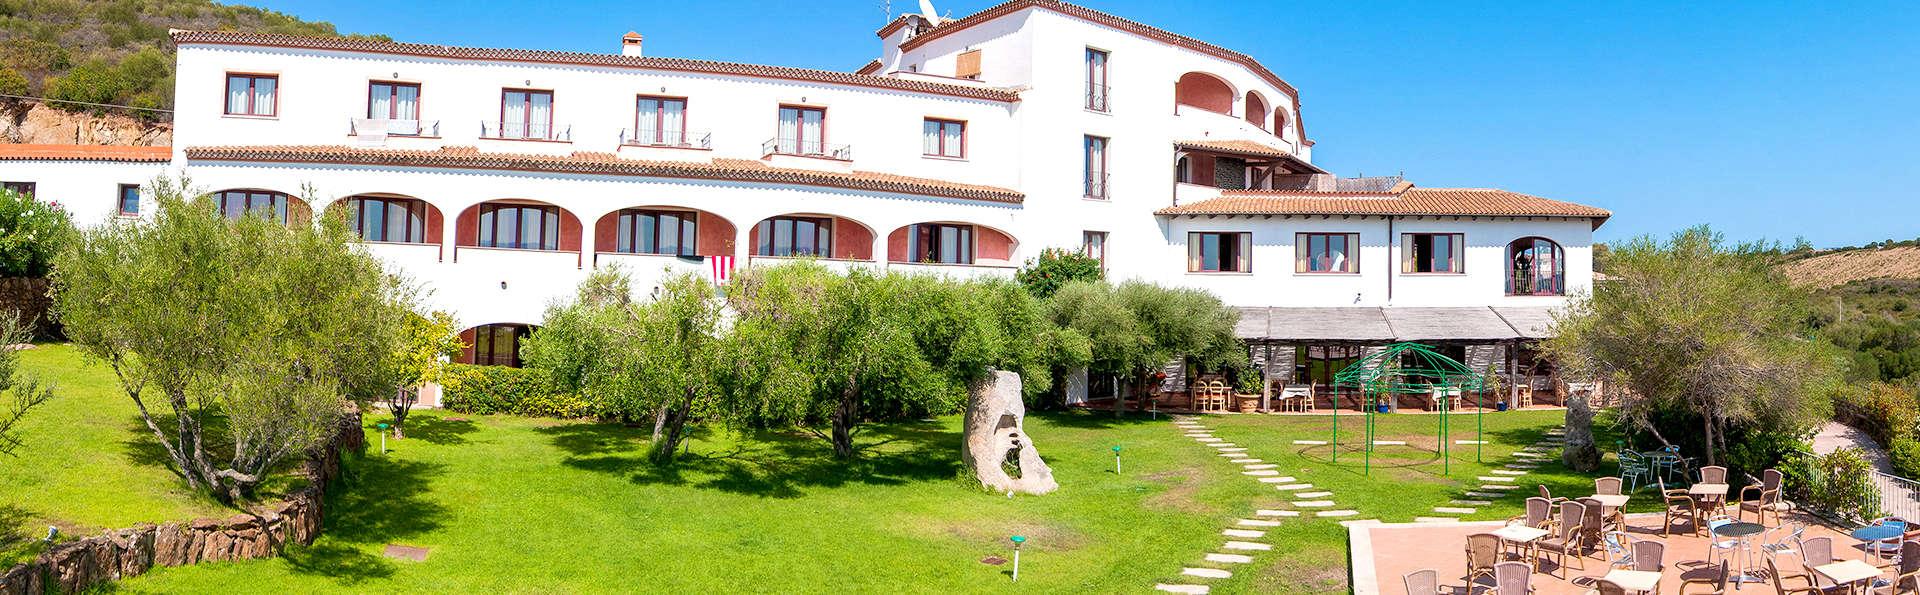 Hotel Alessandro - Edit_Front4.jpg